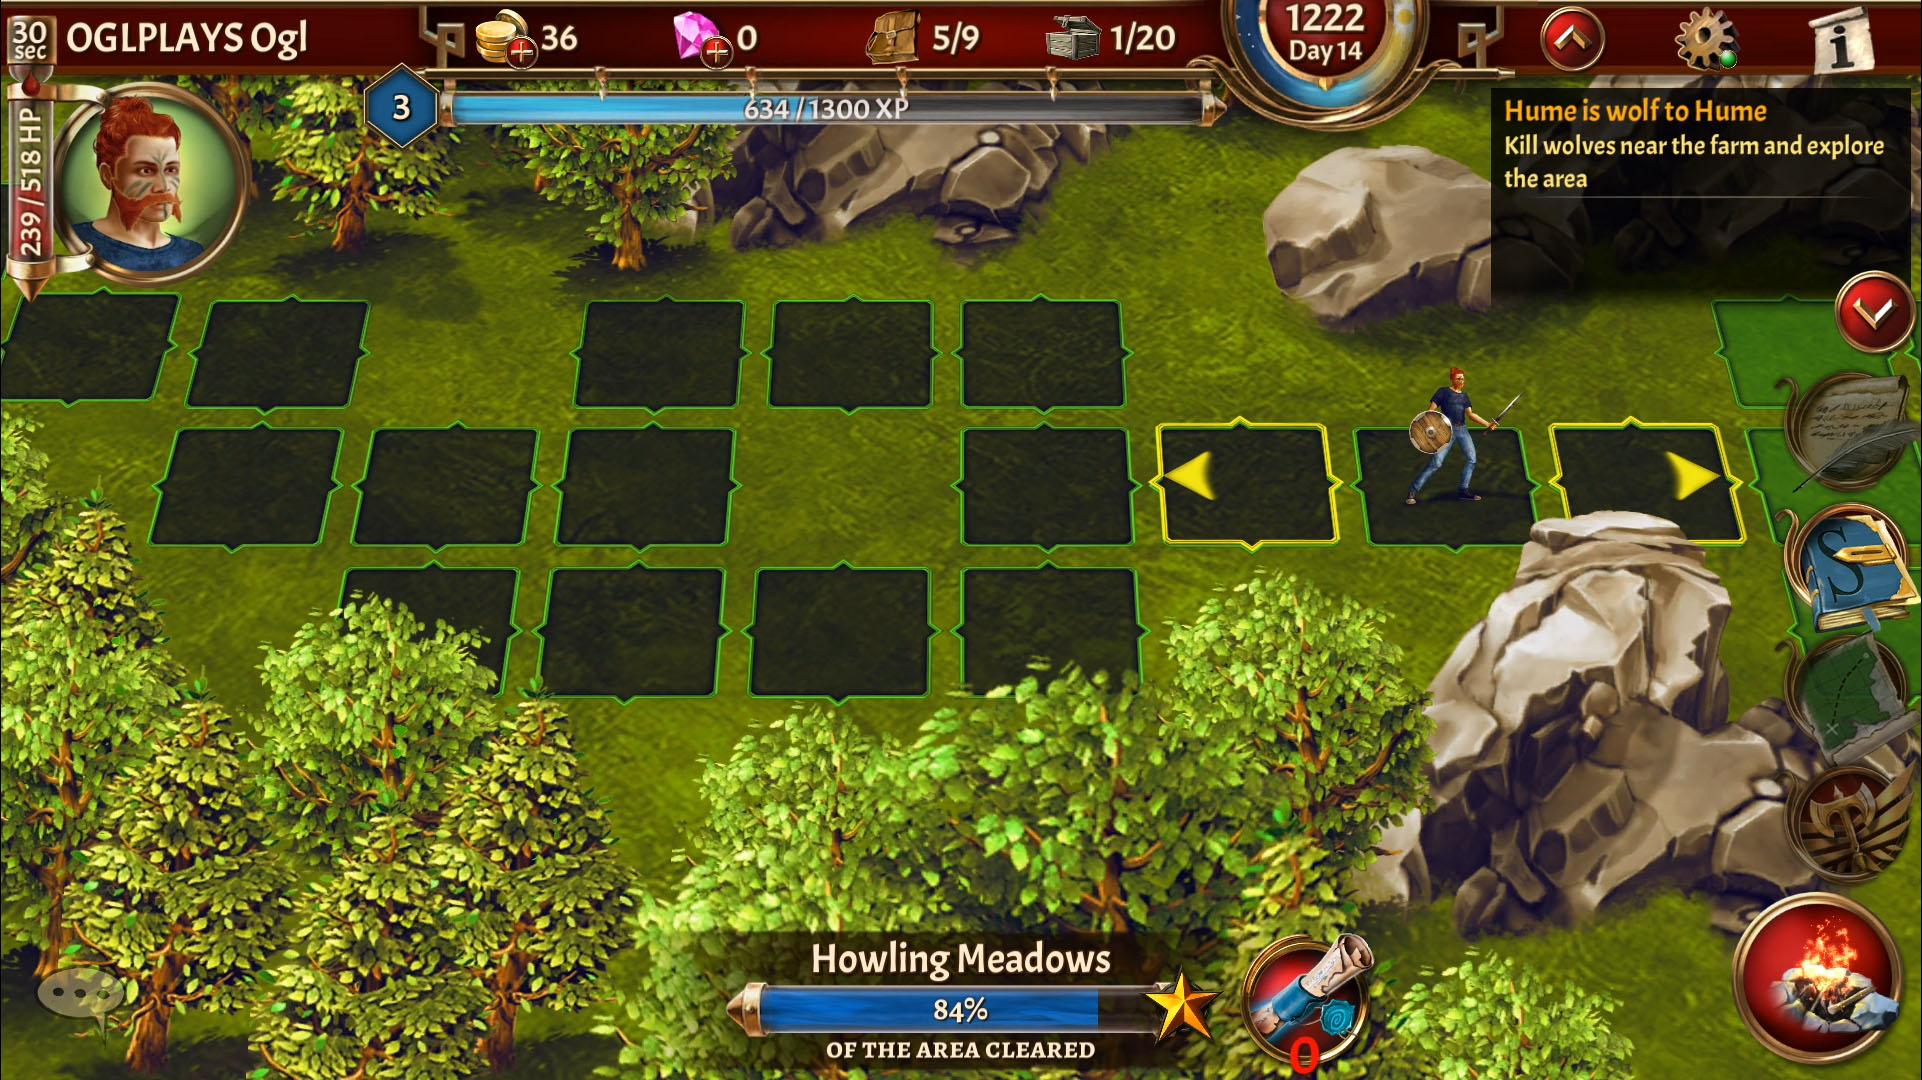 Eterna: Heroes Fall - Deep RPG captura de pantalla 1